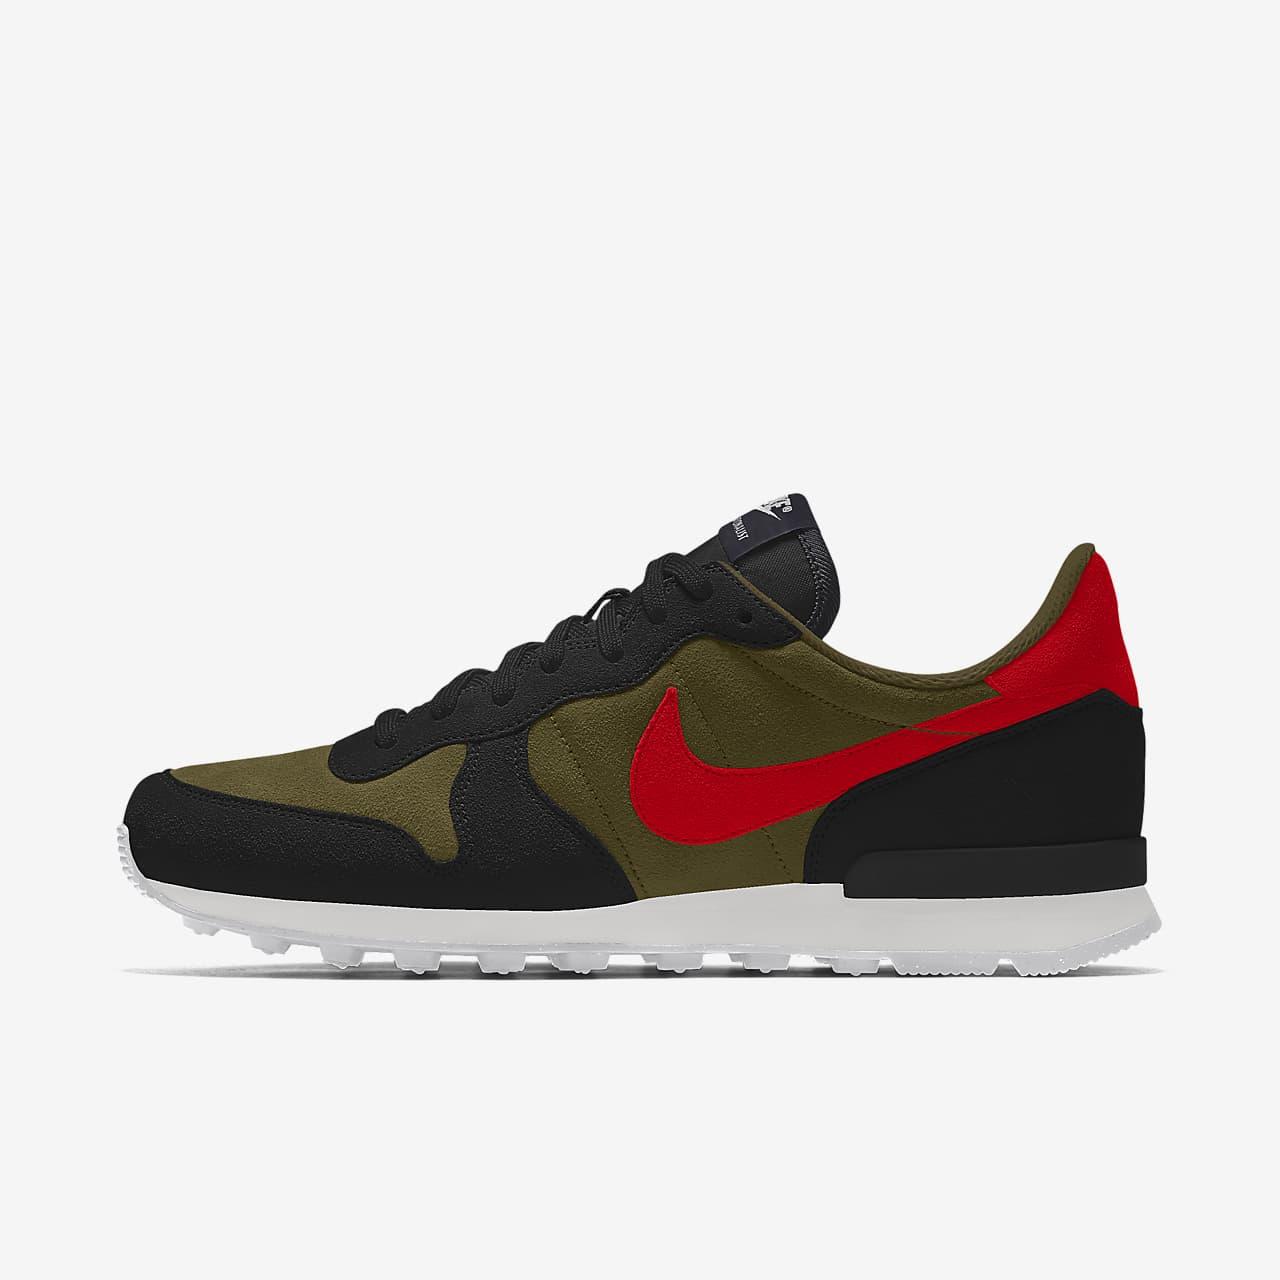 Nike Internationalist By You Custom 男子运动鞋